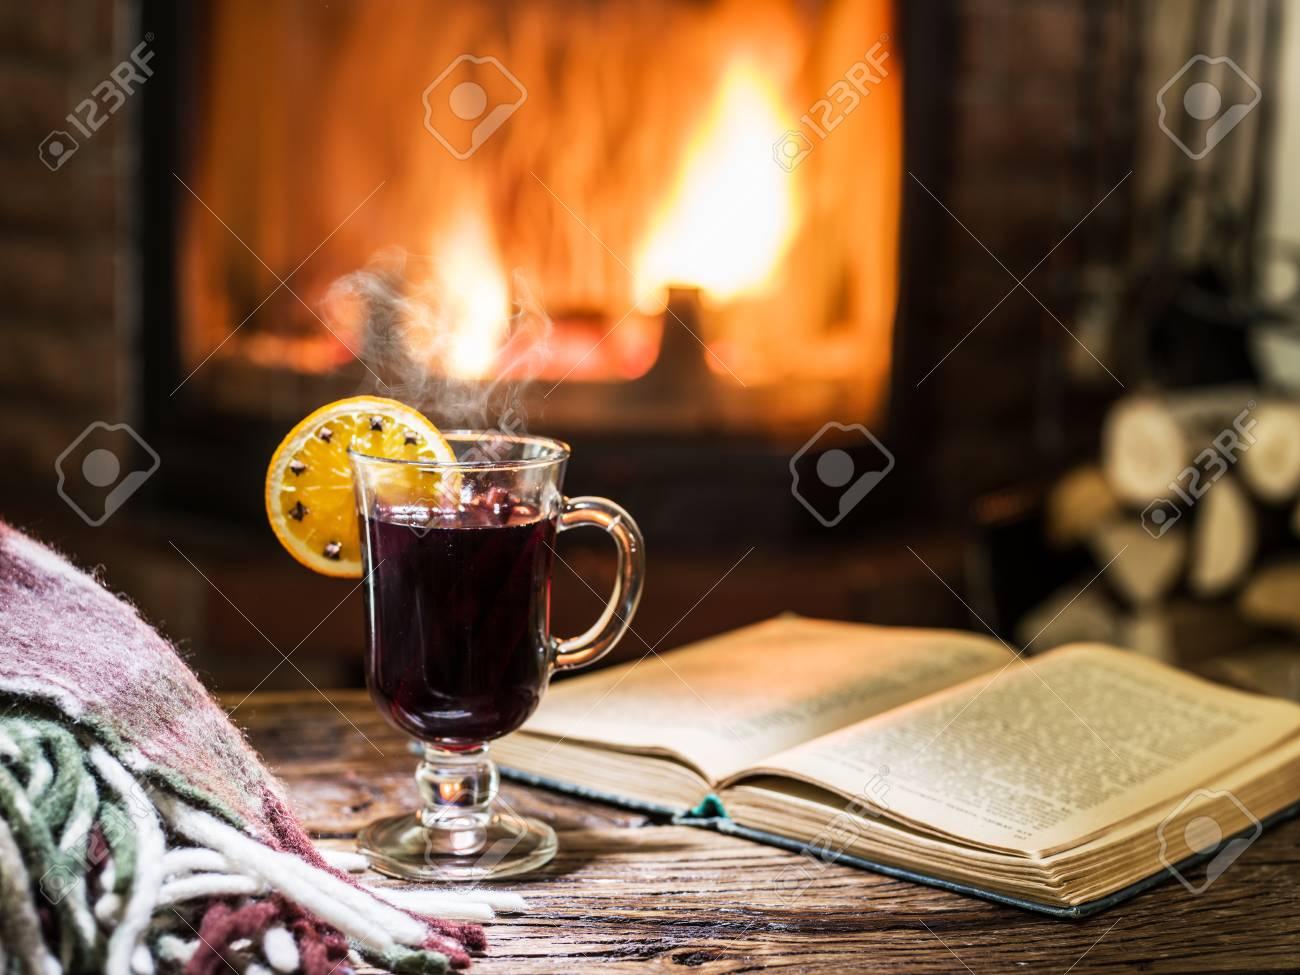 Tafel Met Haard : Hot glühwein en een boek op de houten tafel open haard met warm